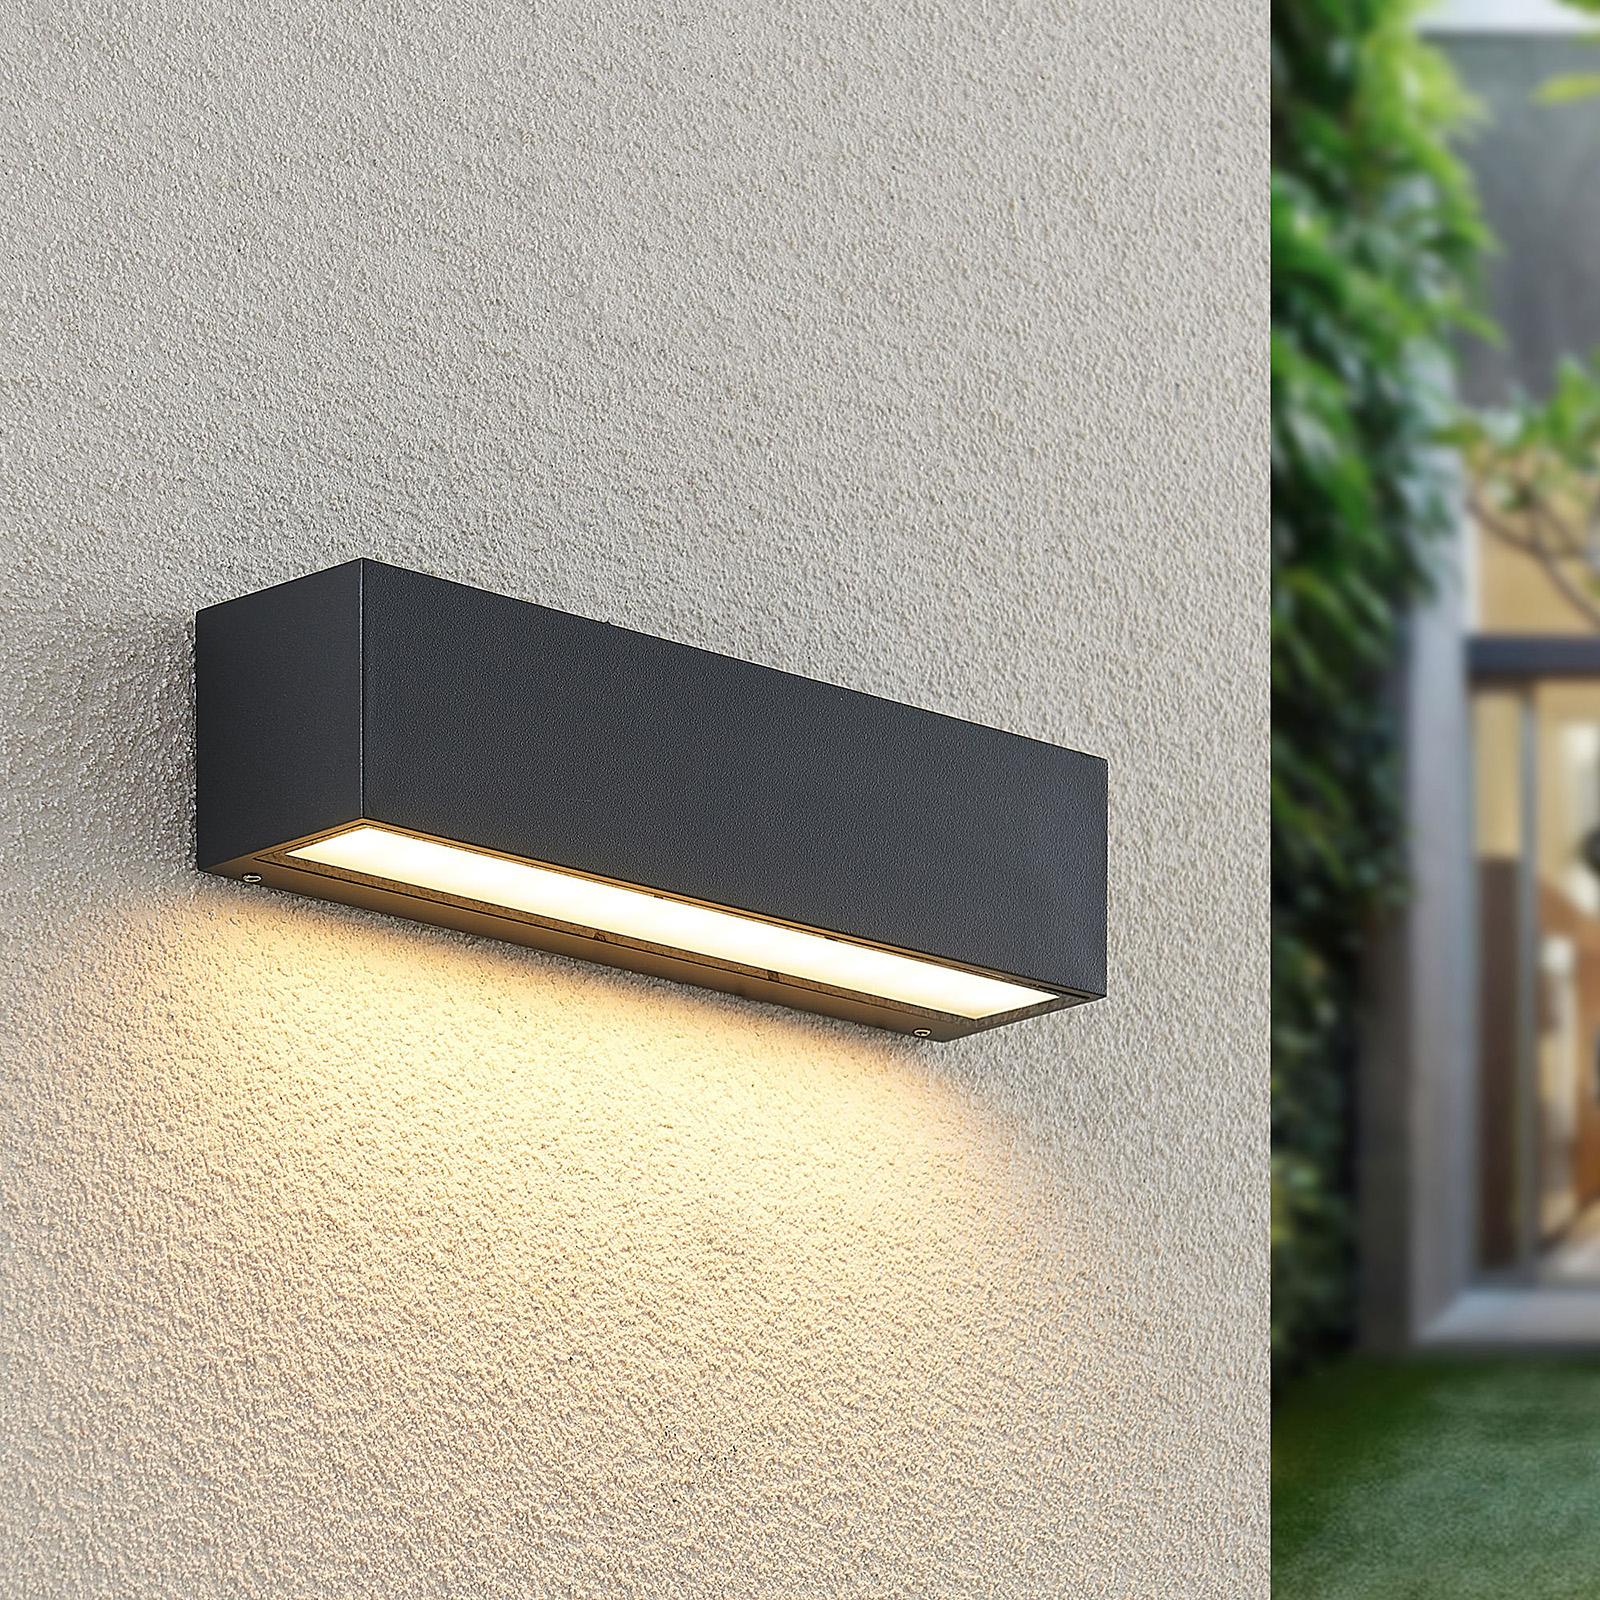 Lucande Lengo LED-væglampe, 25 cm, grafit, 1 lk.